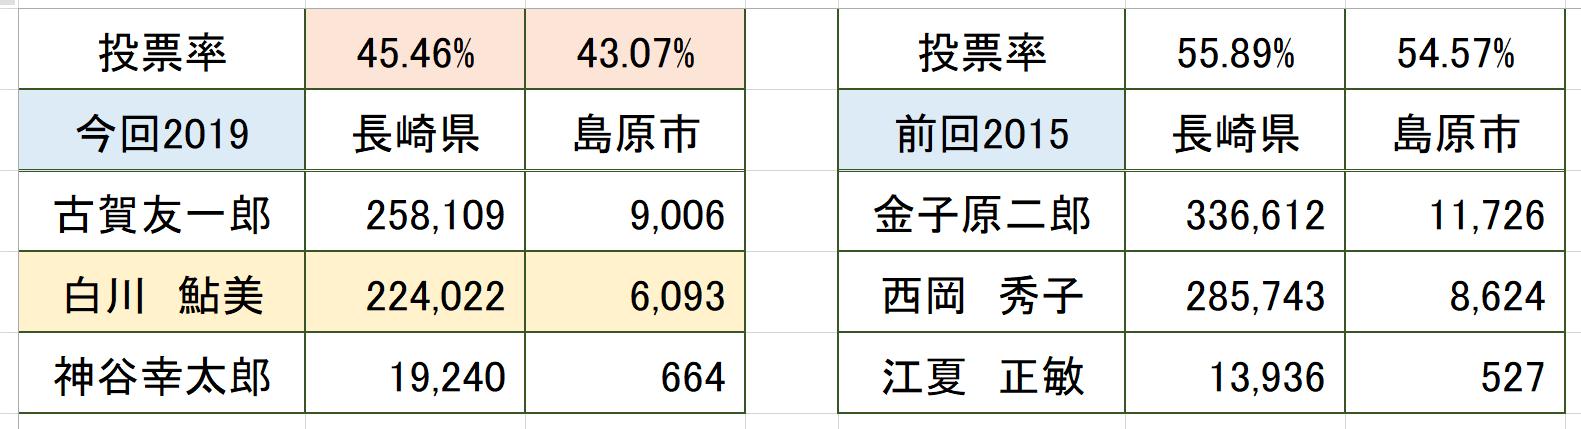 参議院選挙総括(長崎選挙区)_c0052876_15162392.png